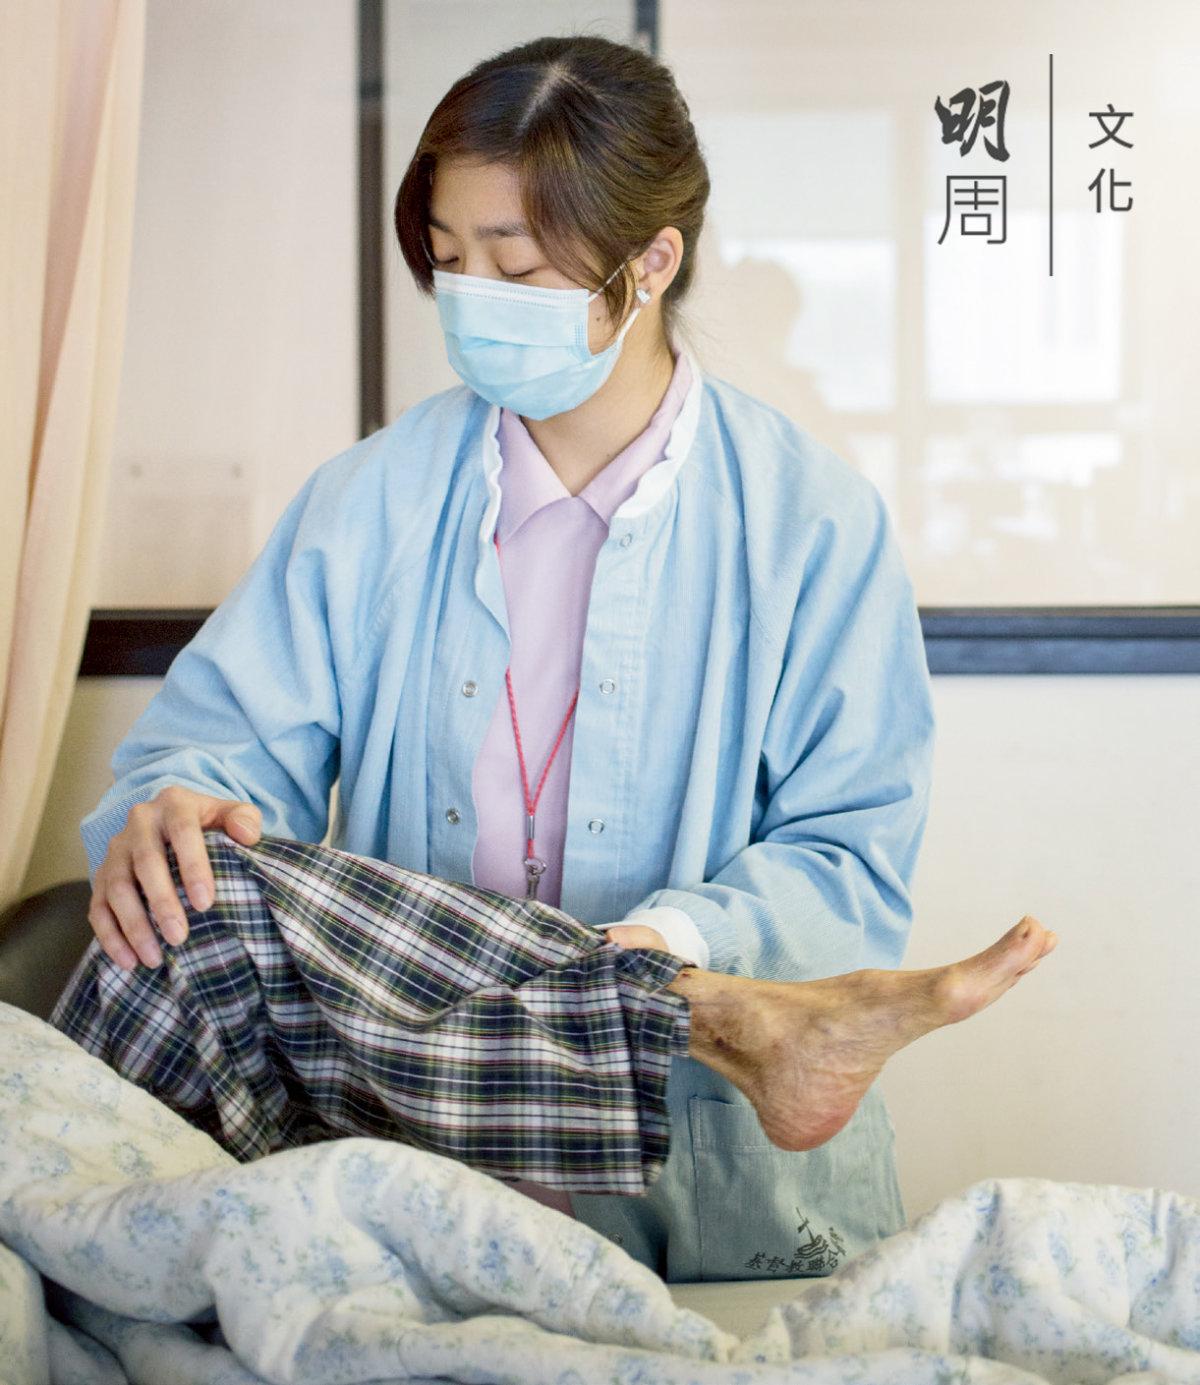 護士正為不能下牀的病人做肢體伸張,防止他們因肌肉萎縮而蜷縮如「蝦米仔」。